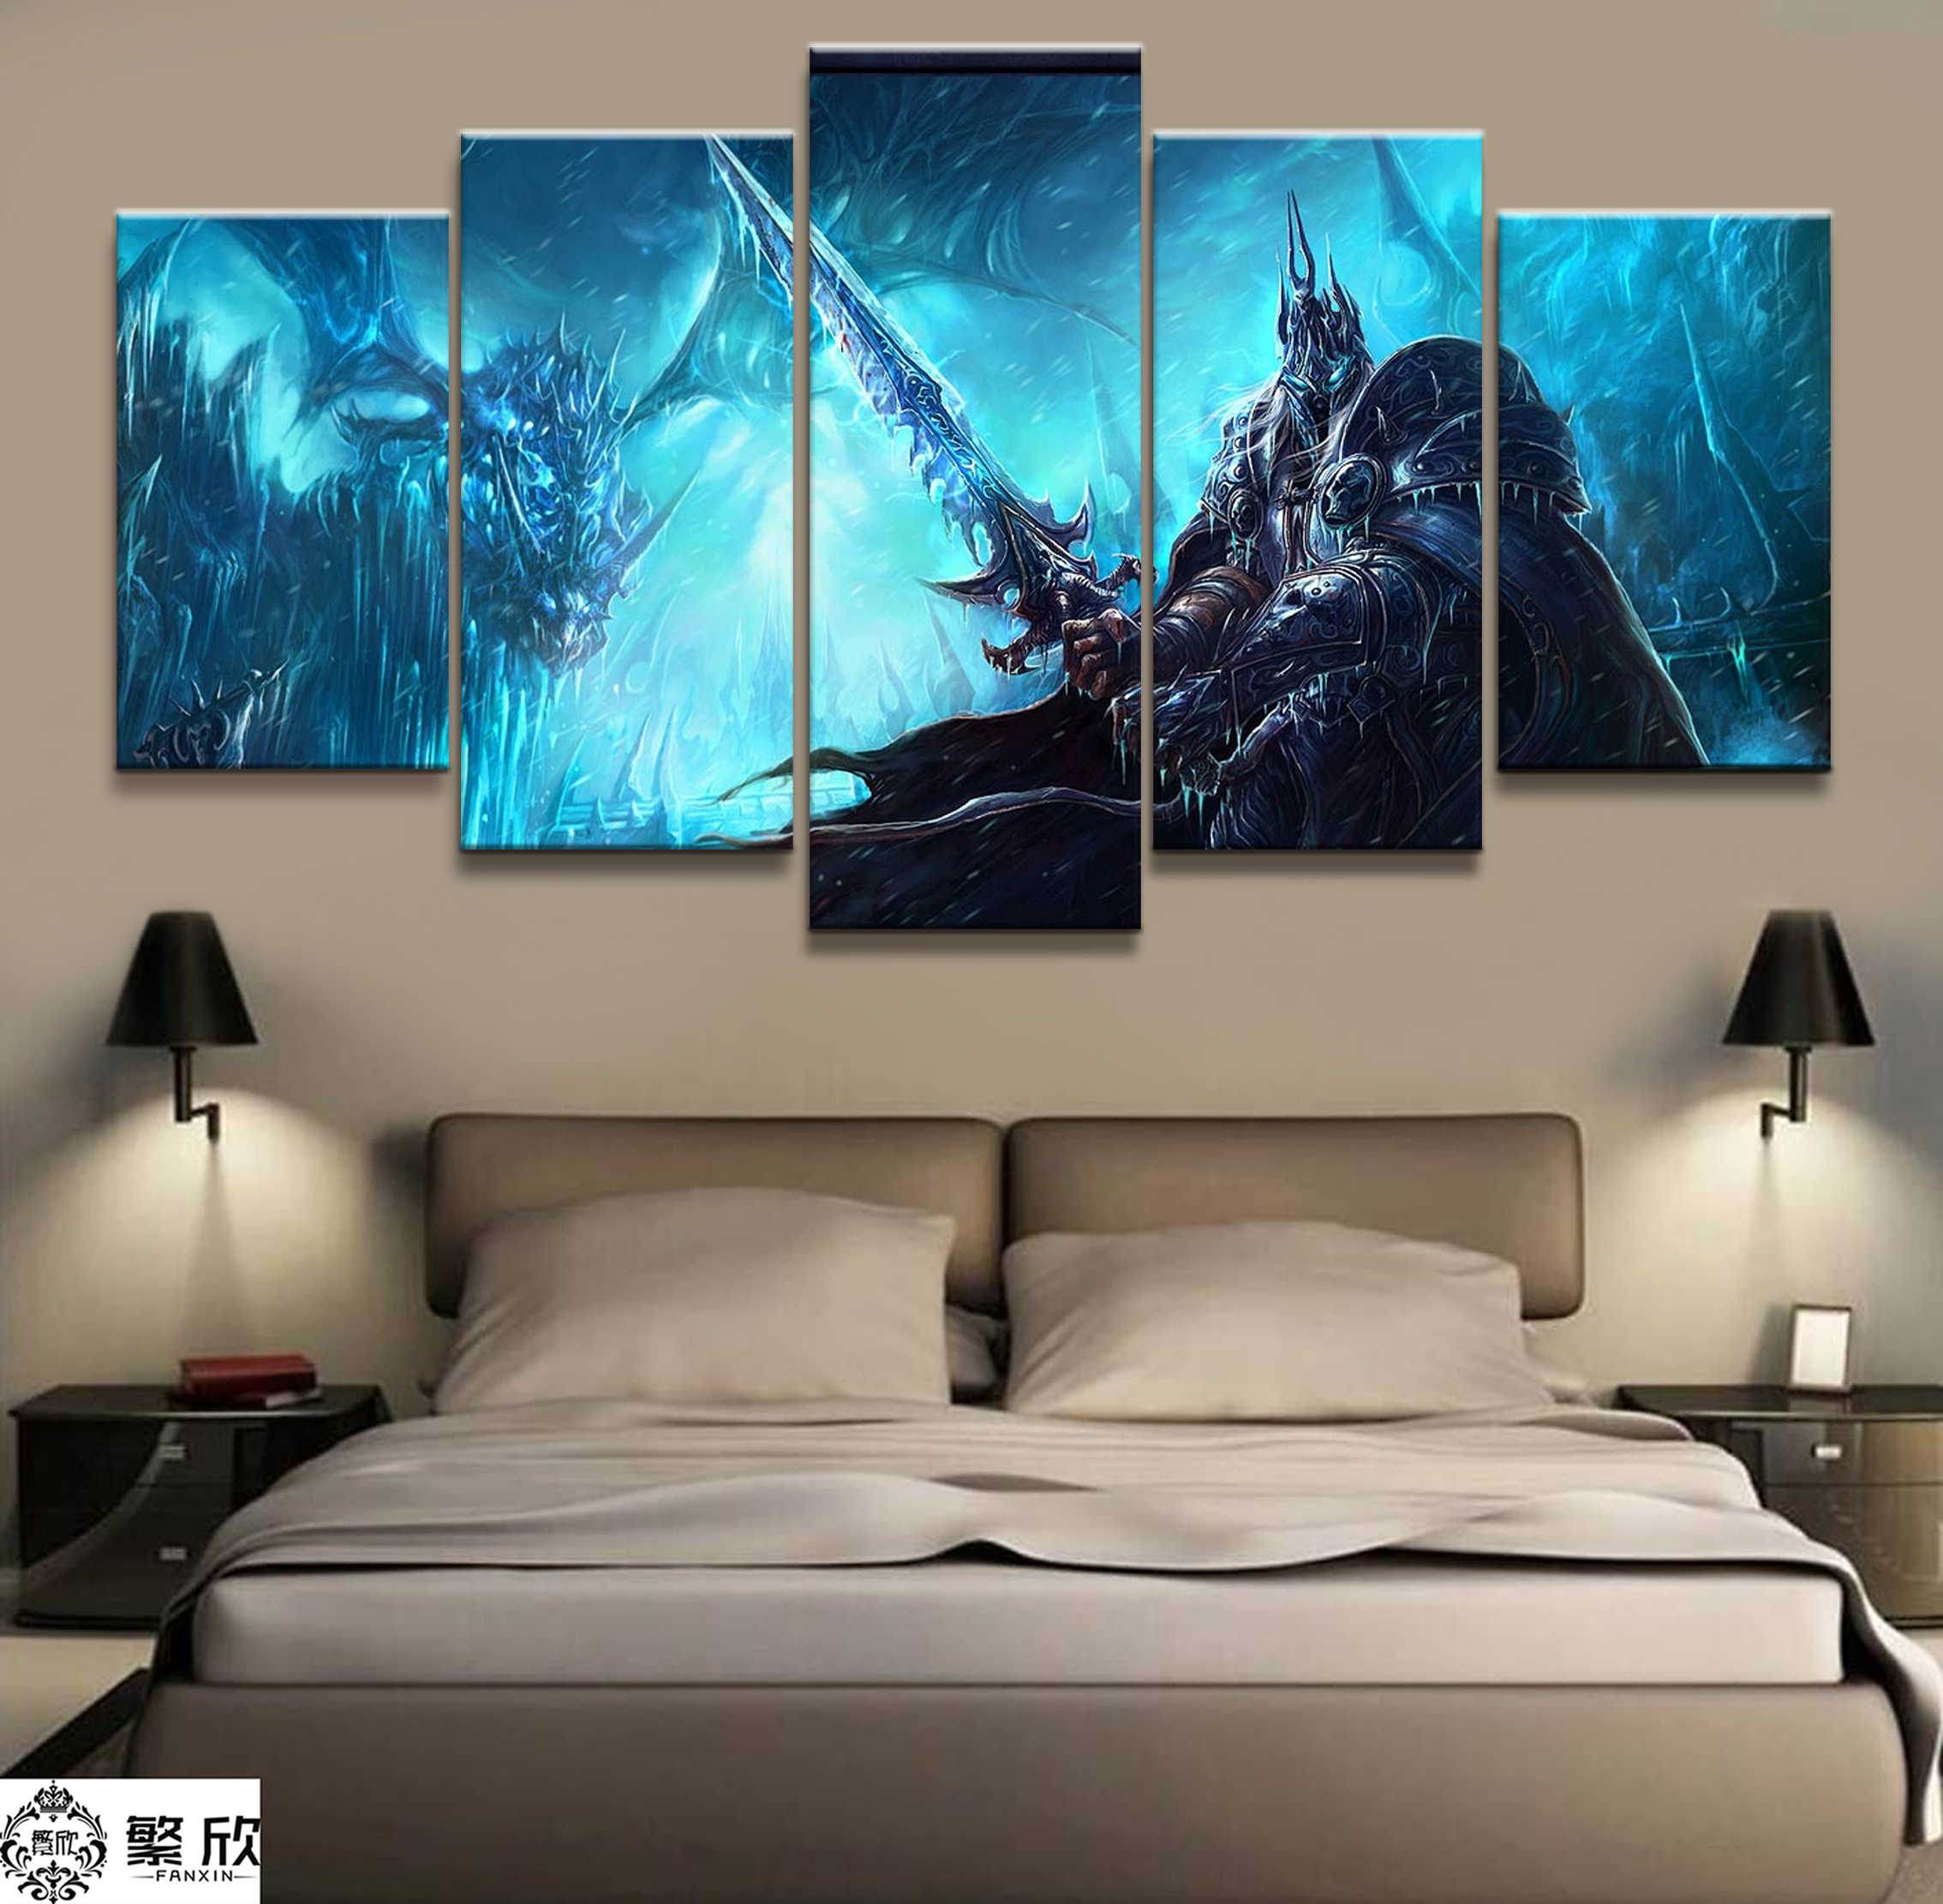 5 piece Video Trò Chơi WOW Warcraft DOTA 2 Bức Tranh Áp Phích Trang Trí Bức Tranh Tường Nghệ Thuật Phòng Tường Trang Trí Nội Thất Canvas vẽ tranh bán buôn